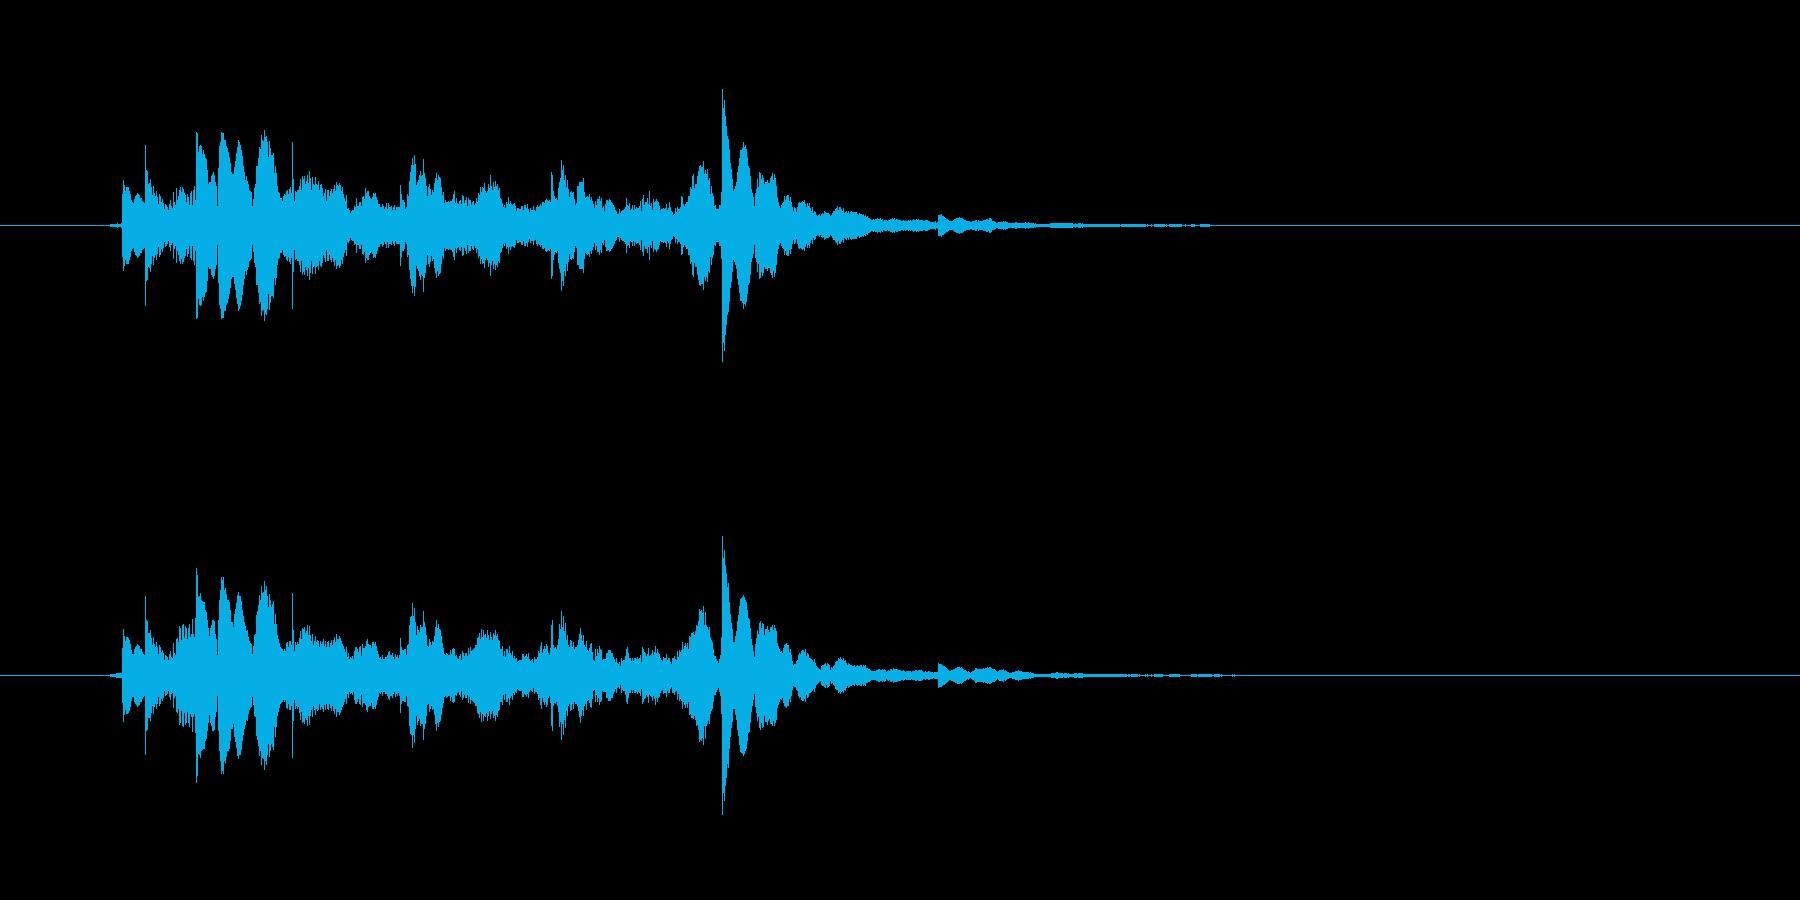 アイテム(1UPや少しレアなコインなど…の再生済みの波形